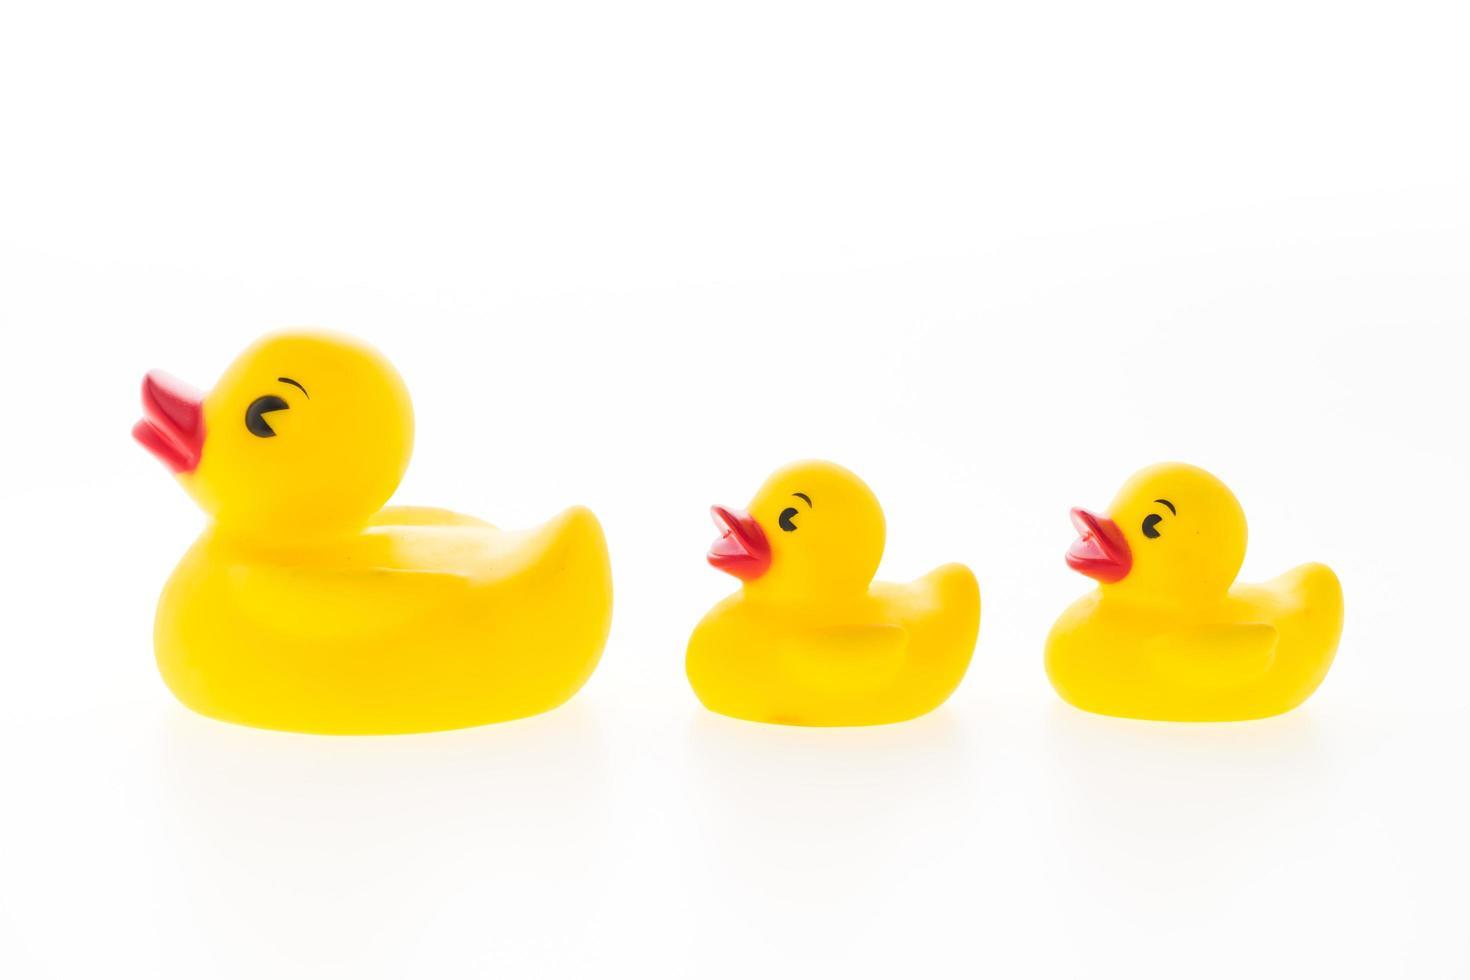 jouets de canard en caoutchouc jaune photo